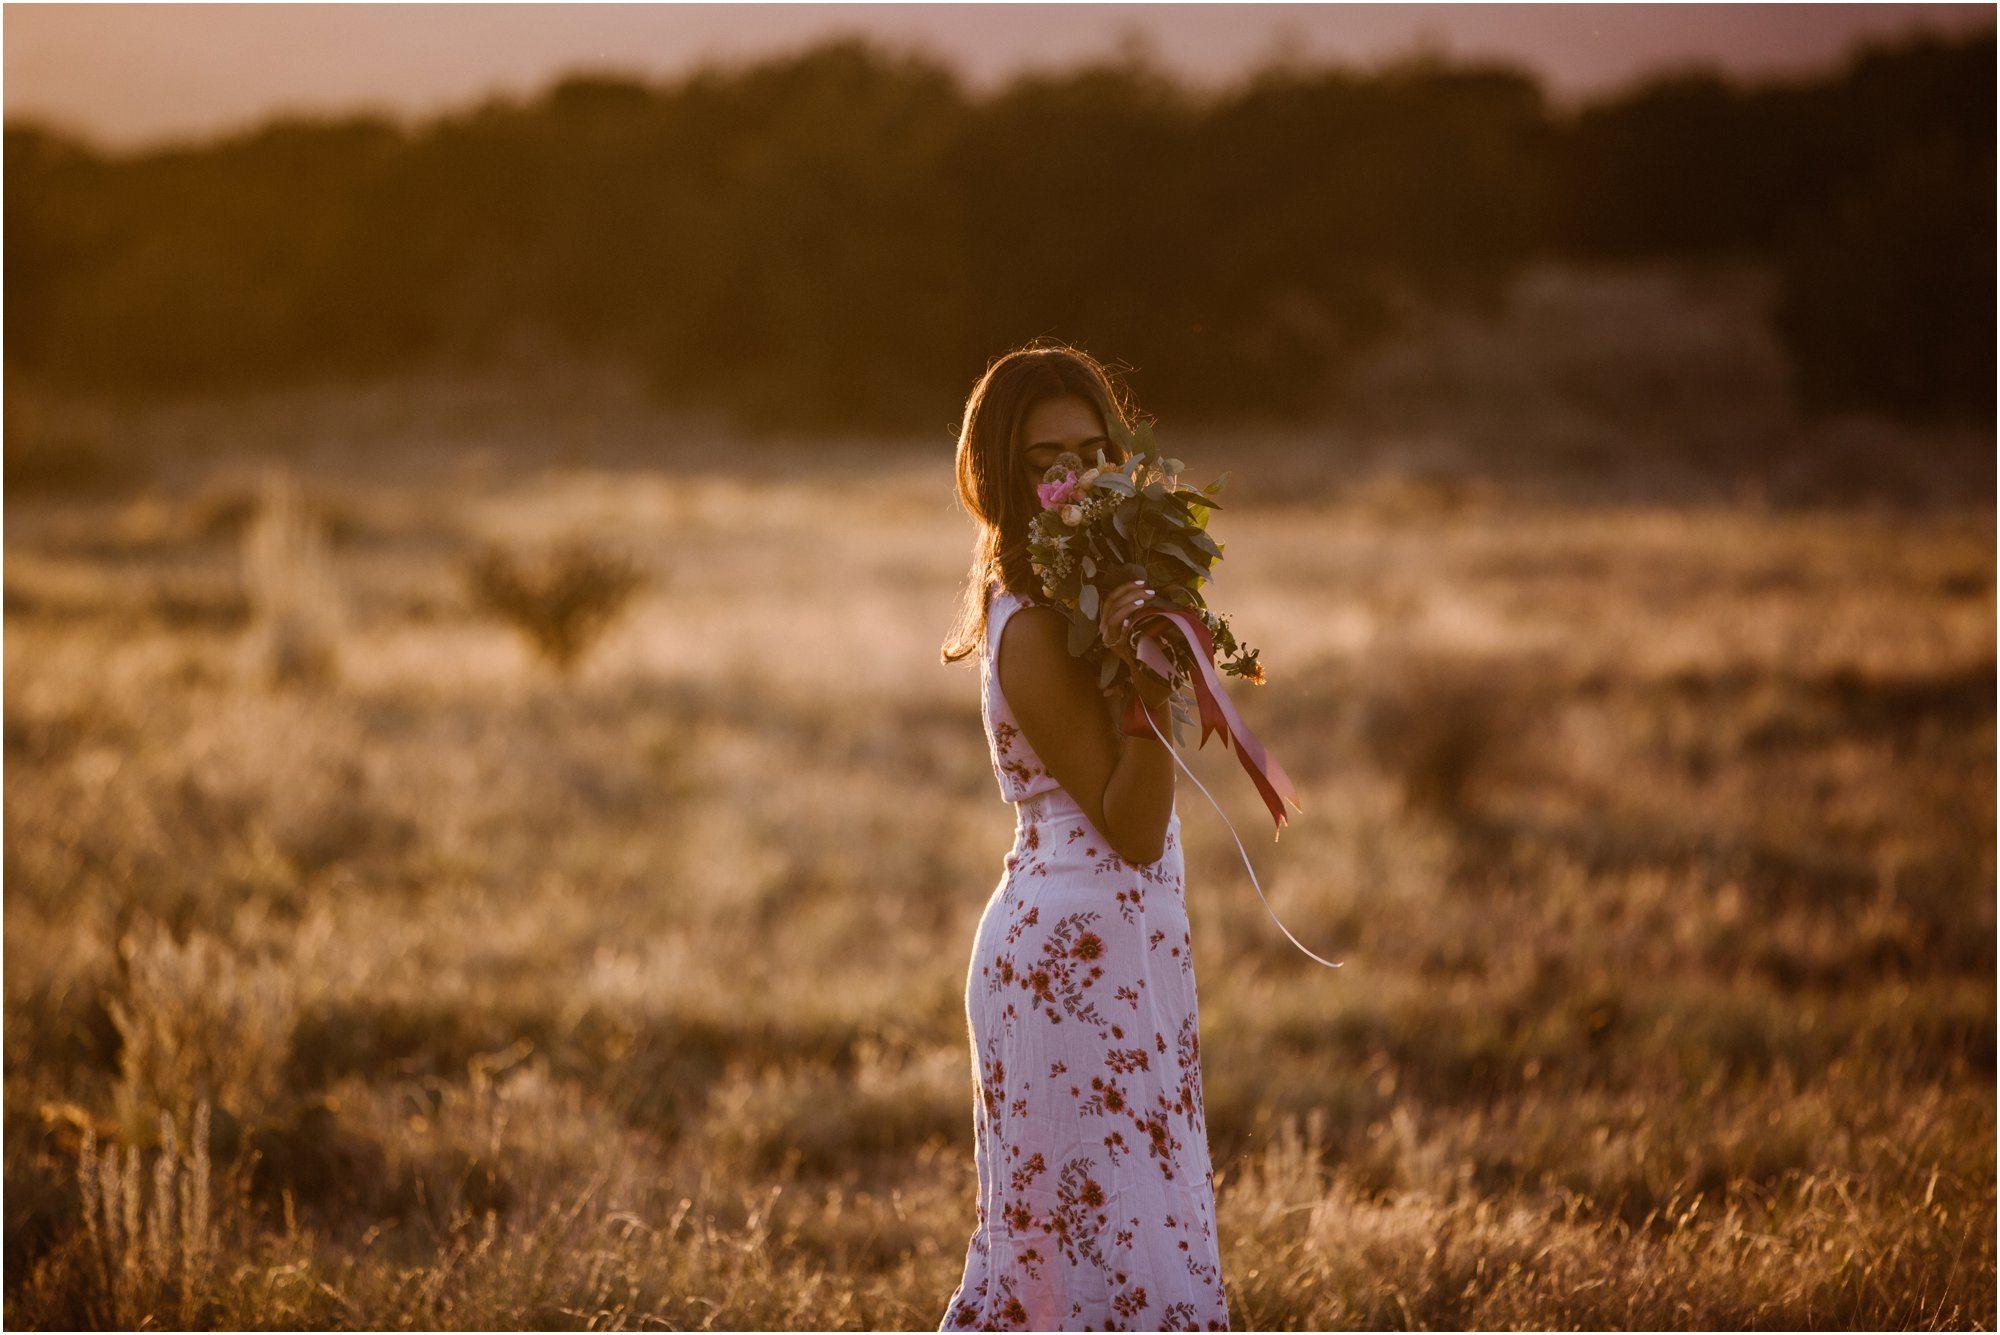 047Blue Rose Photography_ Albuquerque Portrait Photographer_ Fine Art Portraits_ Santa Fe Photographer